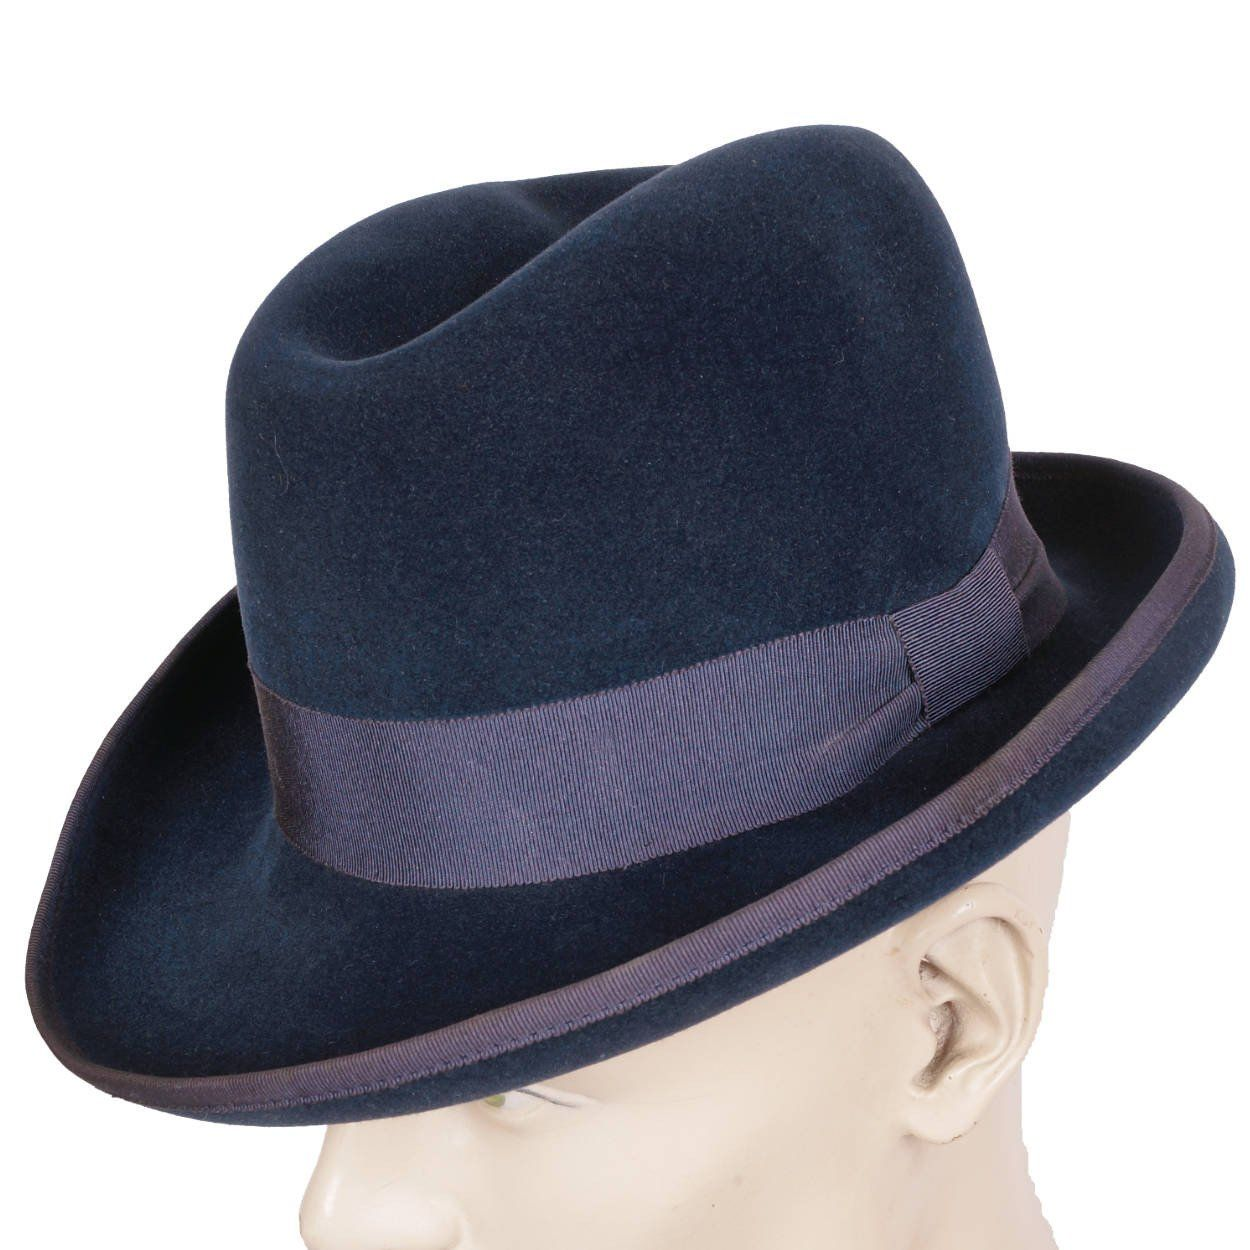 a1ee9ec8 Vintage Pierre Cardin Mens Fedora Hat by Flechet 1960s Blue Fur Felt ...